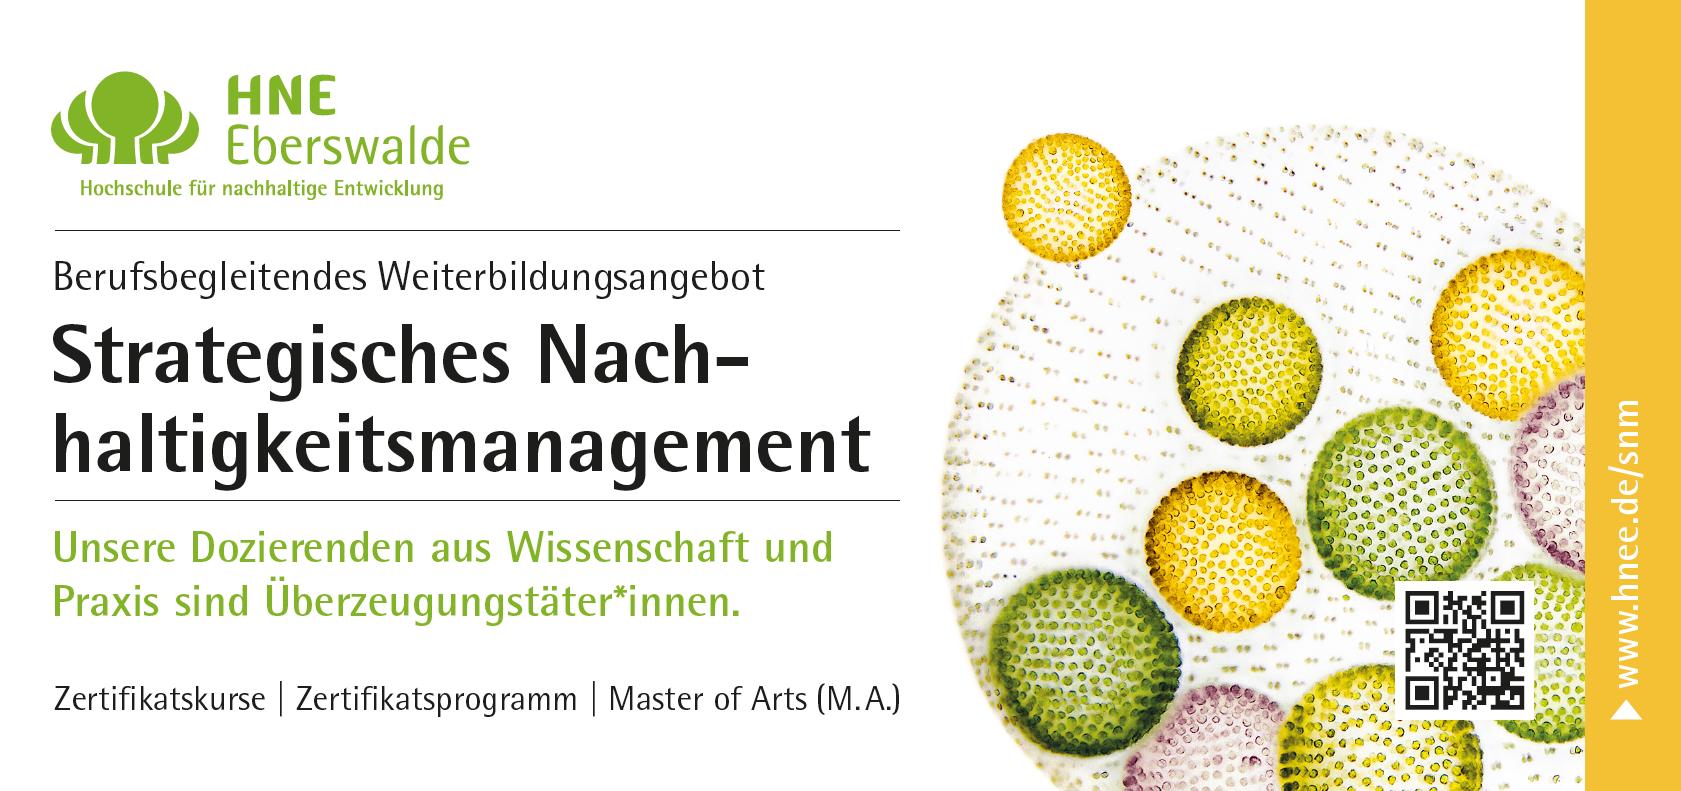 Berufsbegleitende Zertifikatskurse zur Entwicklung und zur Umsetzung von Nachhaltigkeitsstrategien starten im September 2015